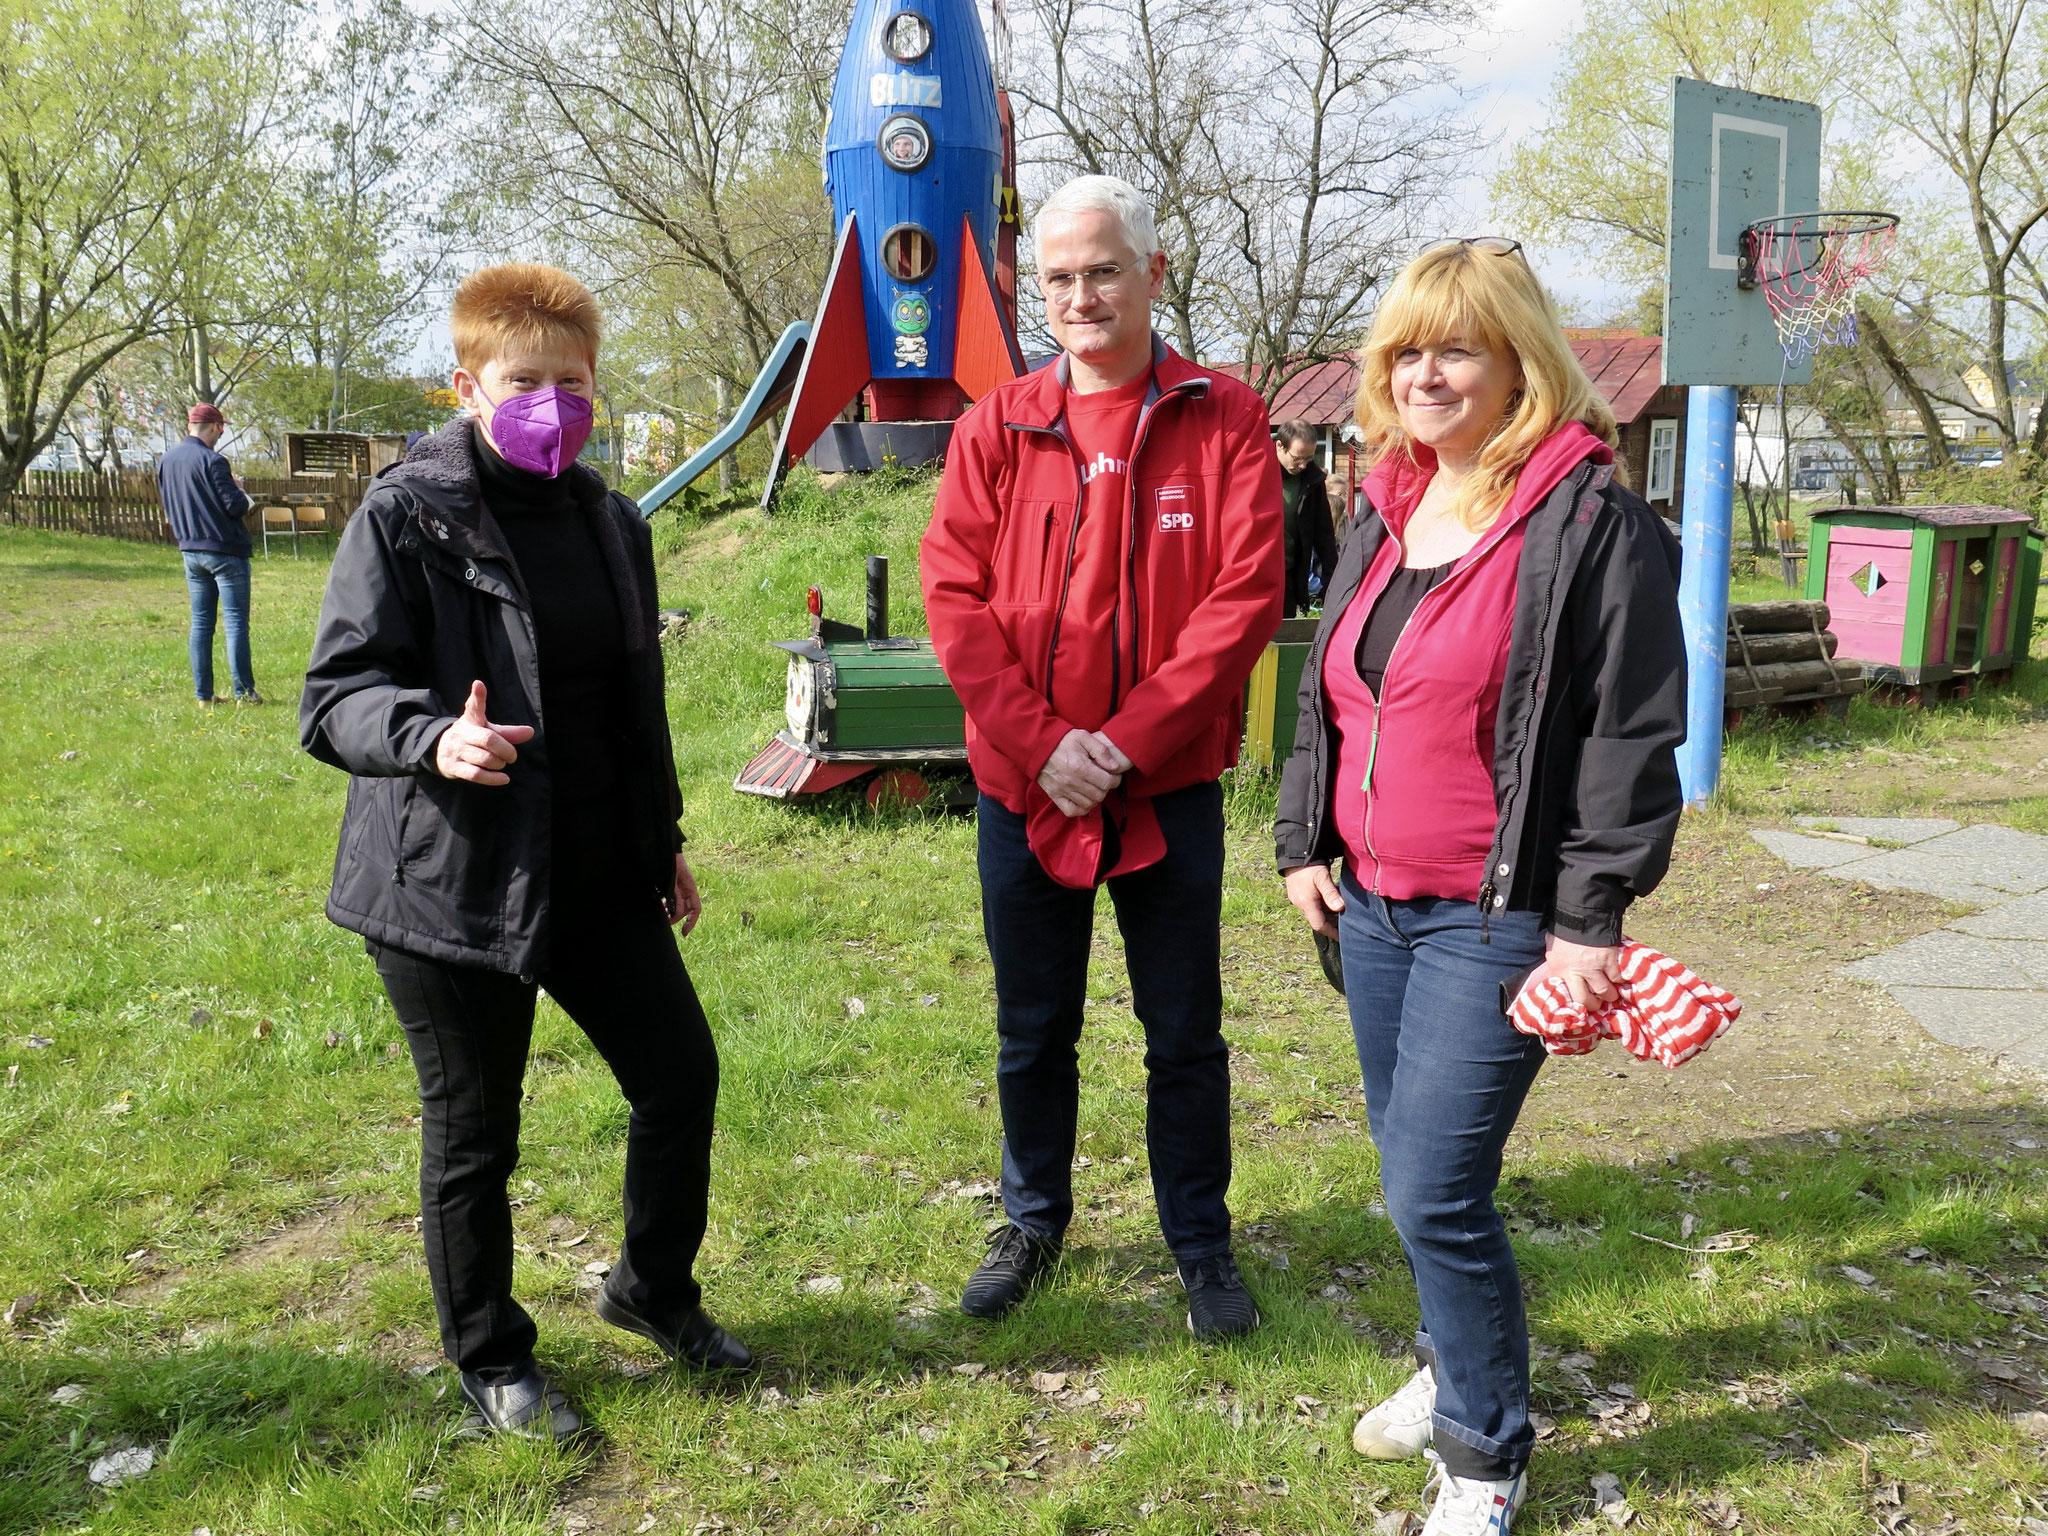 Petra Pau (Linke), Jan Lehmann (SPD) und Juliane Witt (Linke) nach der Fahrraddemo auf dem Spielplatz in der Schorfheidestraße.